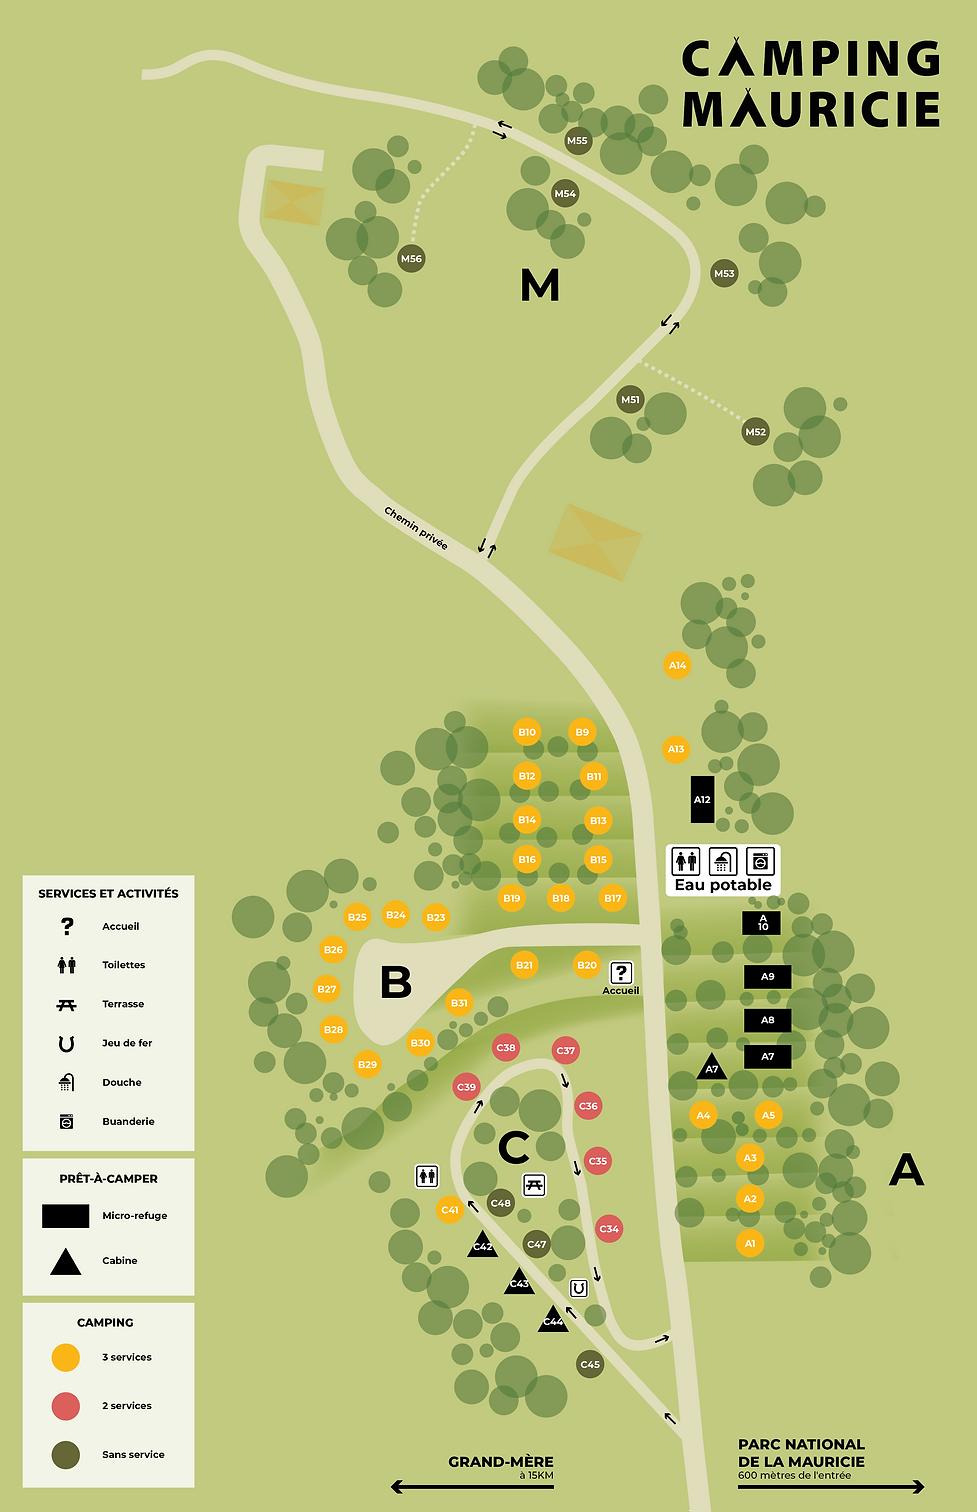 Carte terrain de camping Mauricie. Situé en montagne et voisin du parc de la Mauricie.